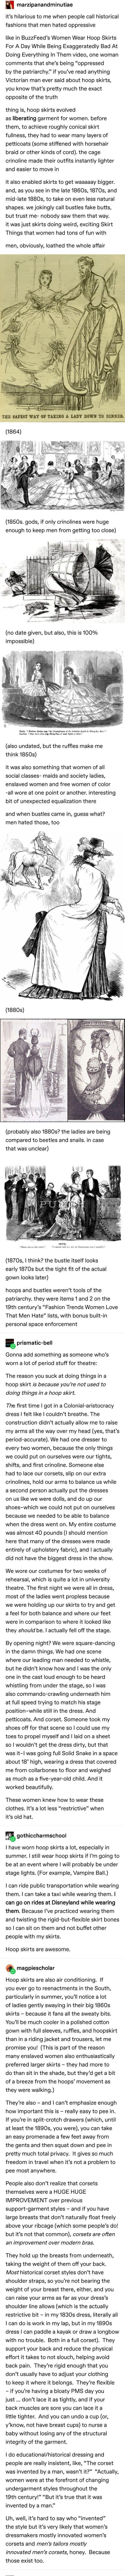 #sciencehistory